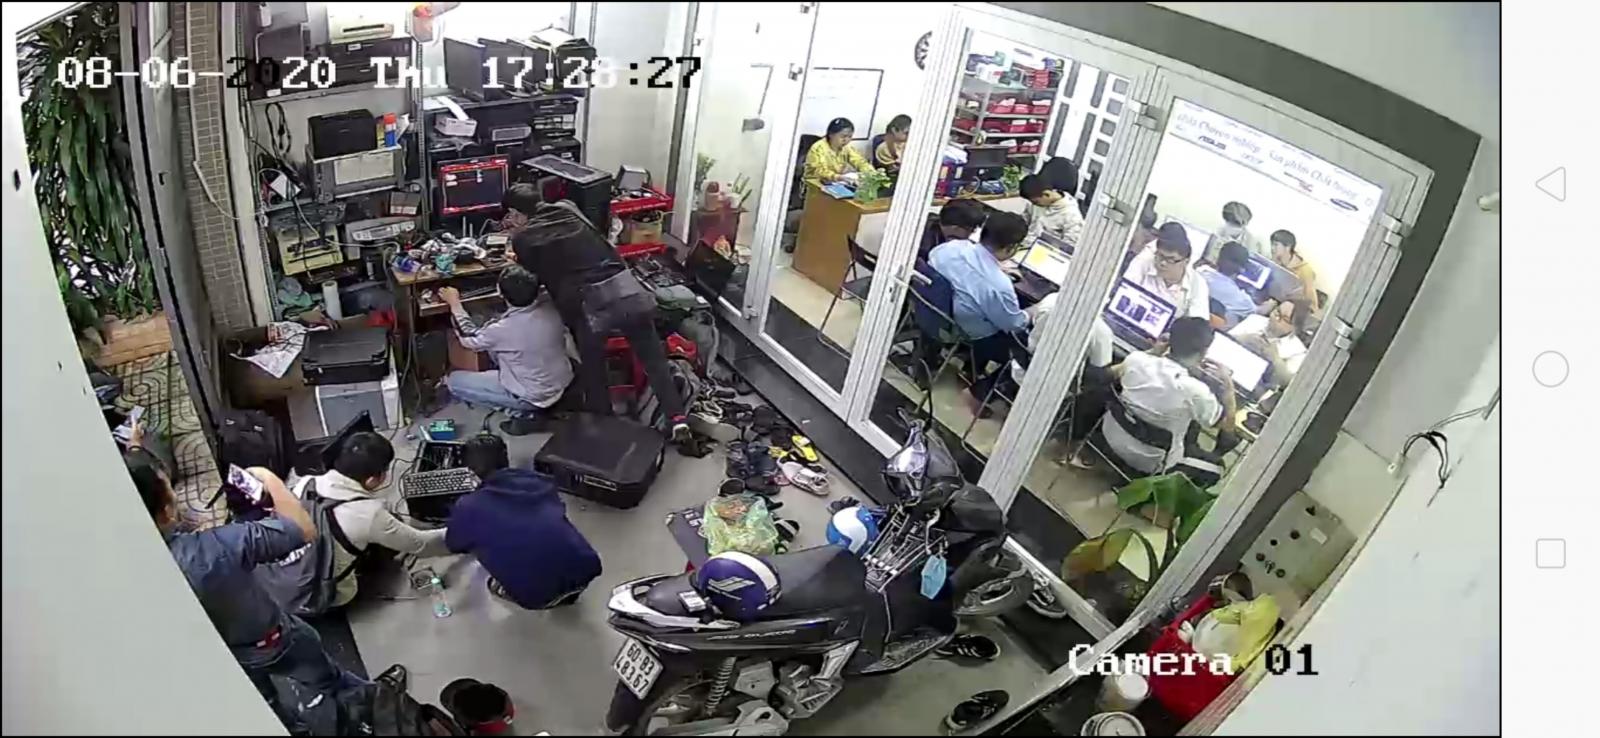 Công Ty Dịch Vụ Bảo Trì Máy Tính Tận Nơi Quận Bình Thạnh Uy Tín Nhanh